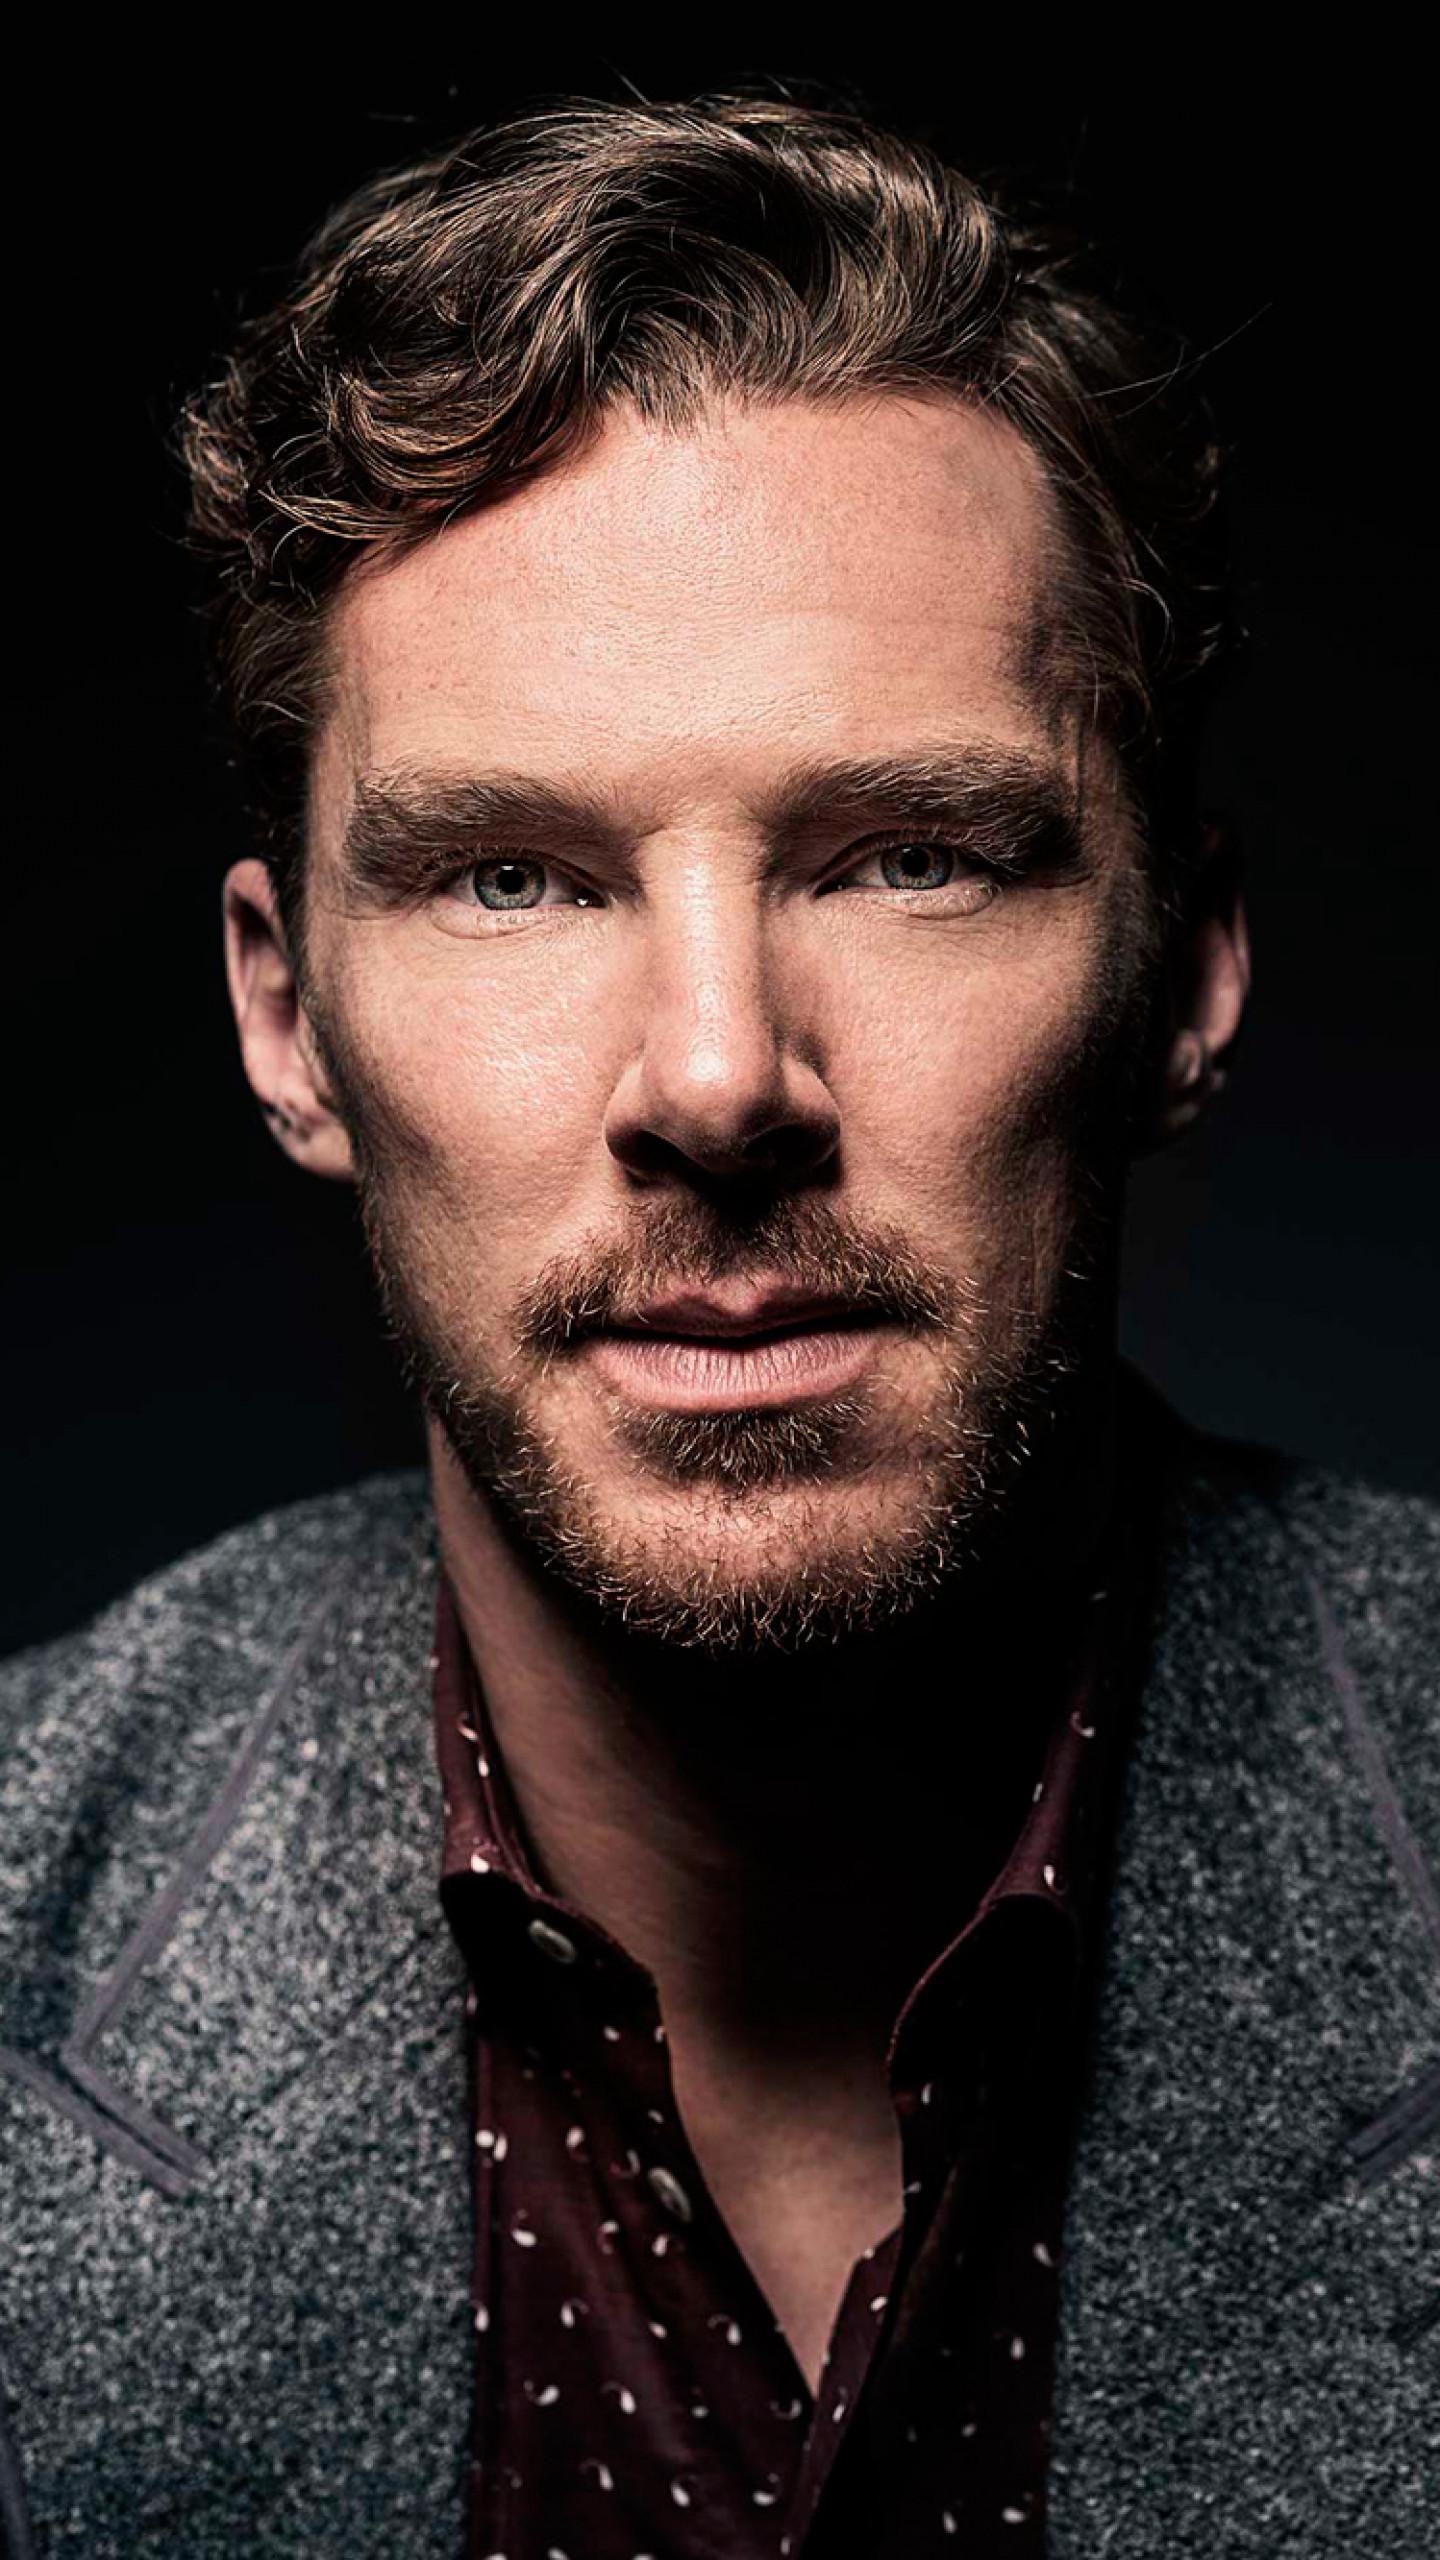 Benedict Cumberbatch Wallpaper (79+ pictures)